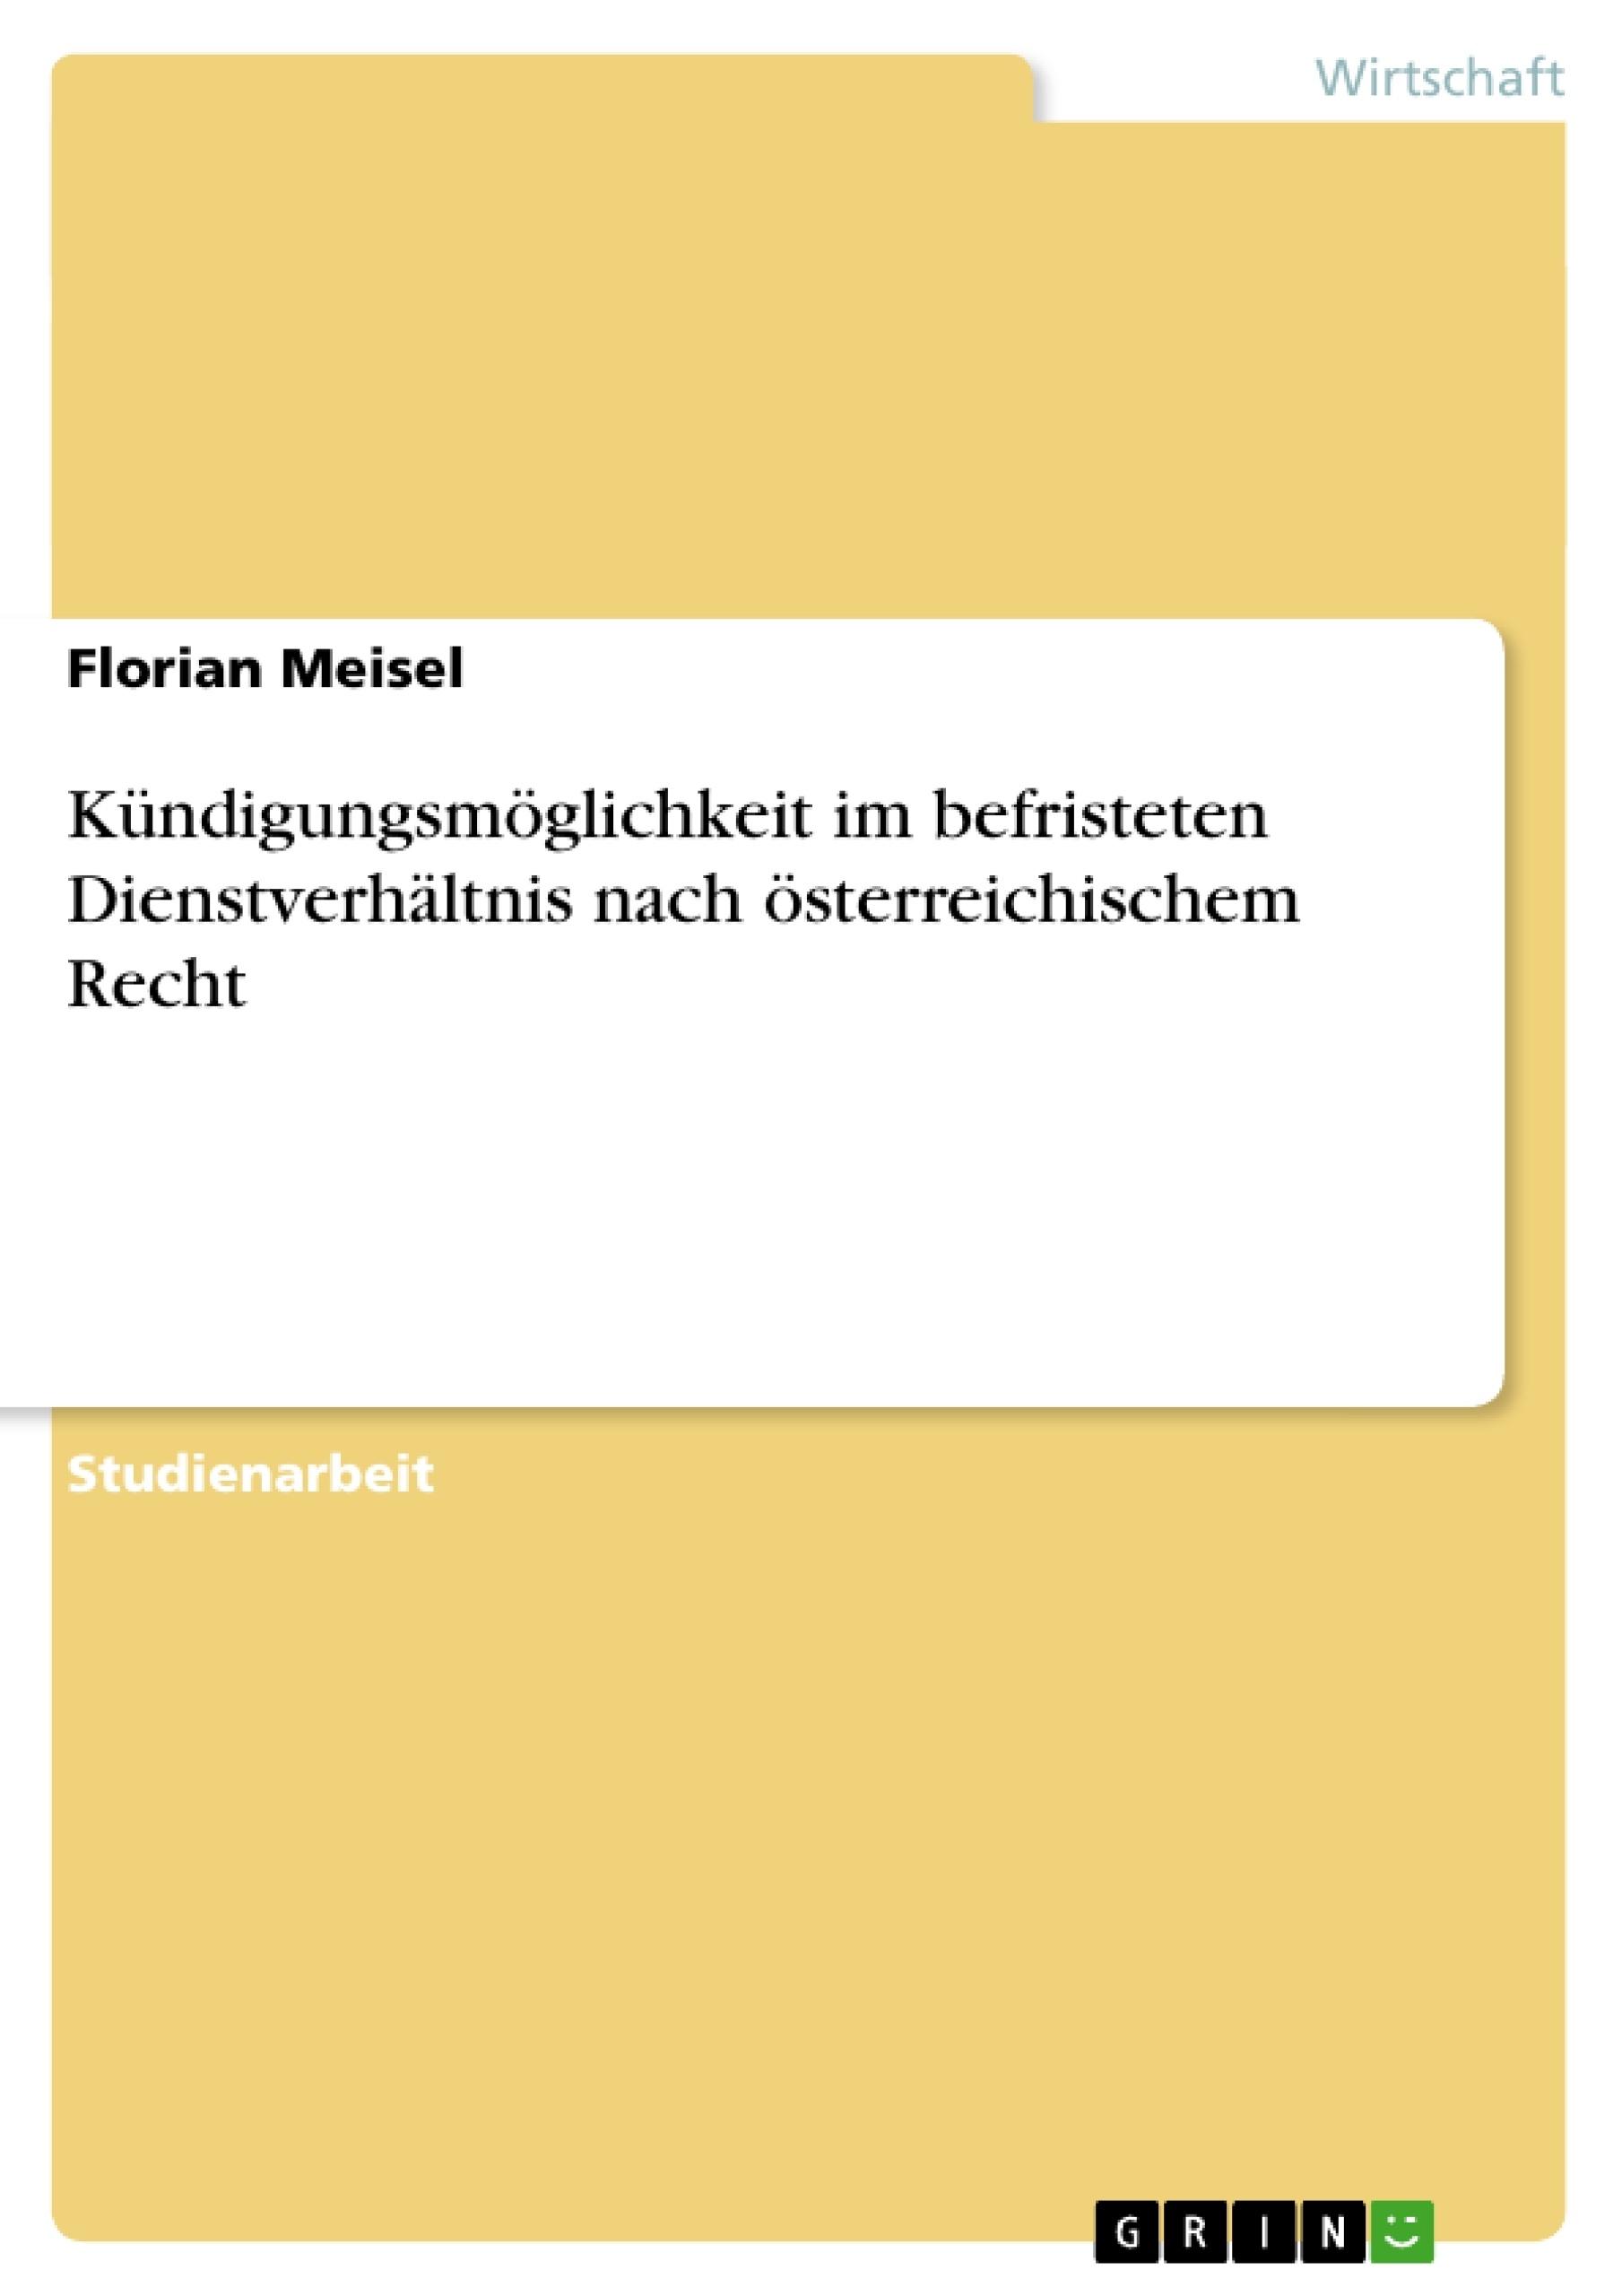 Titel: Kündigungsmöglichkeit im befristeten Dienstverhältnis nach österreichischem Recht